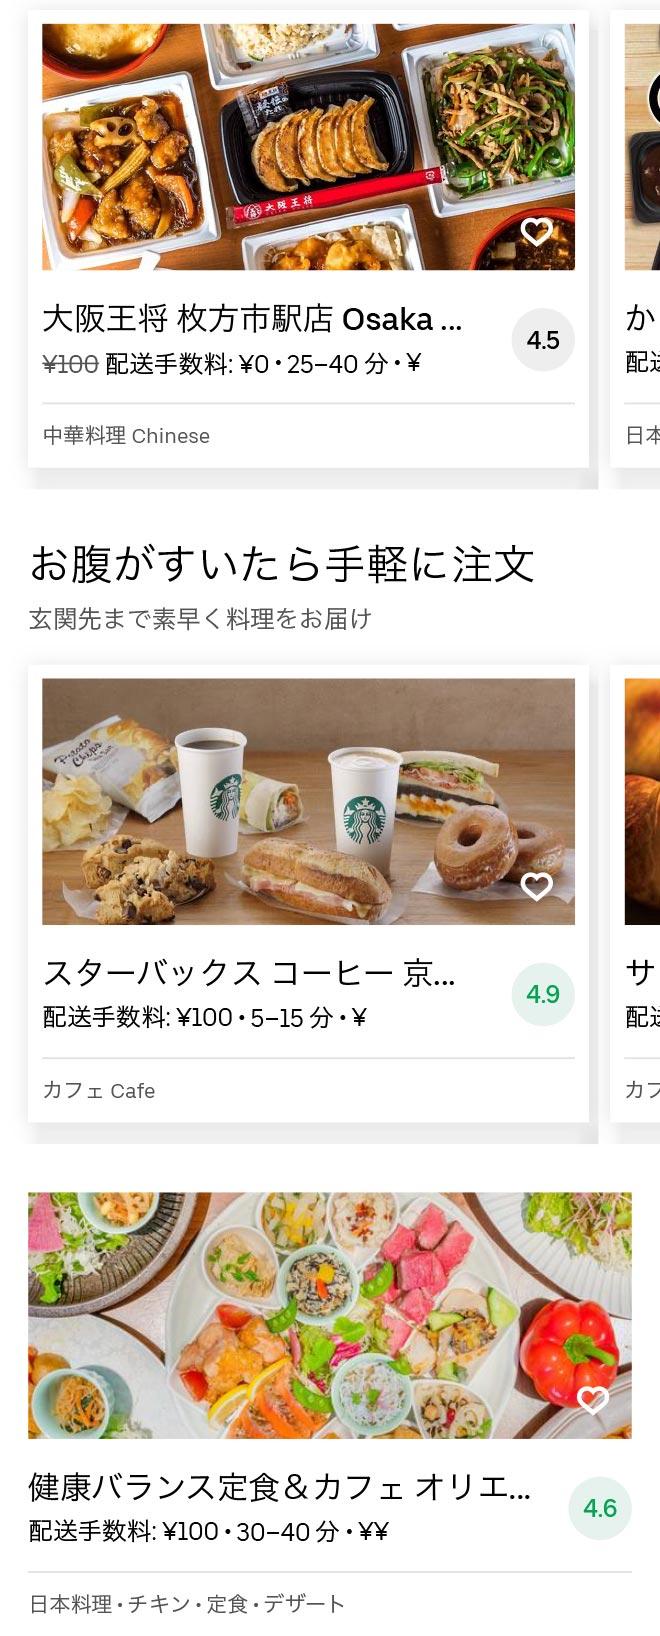 Hirakatashi menu 2010 02